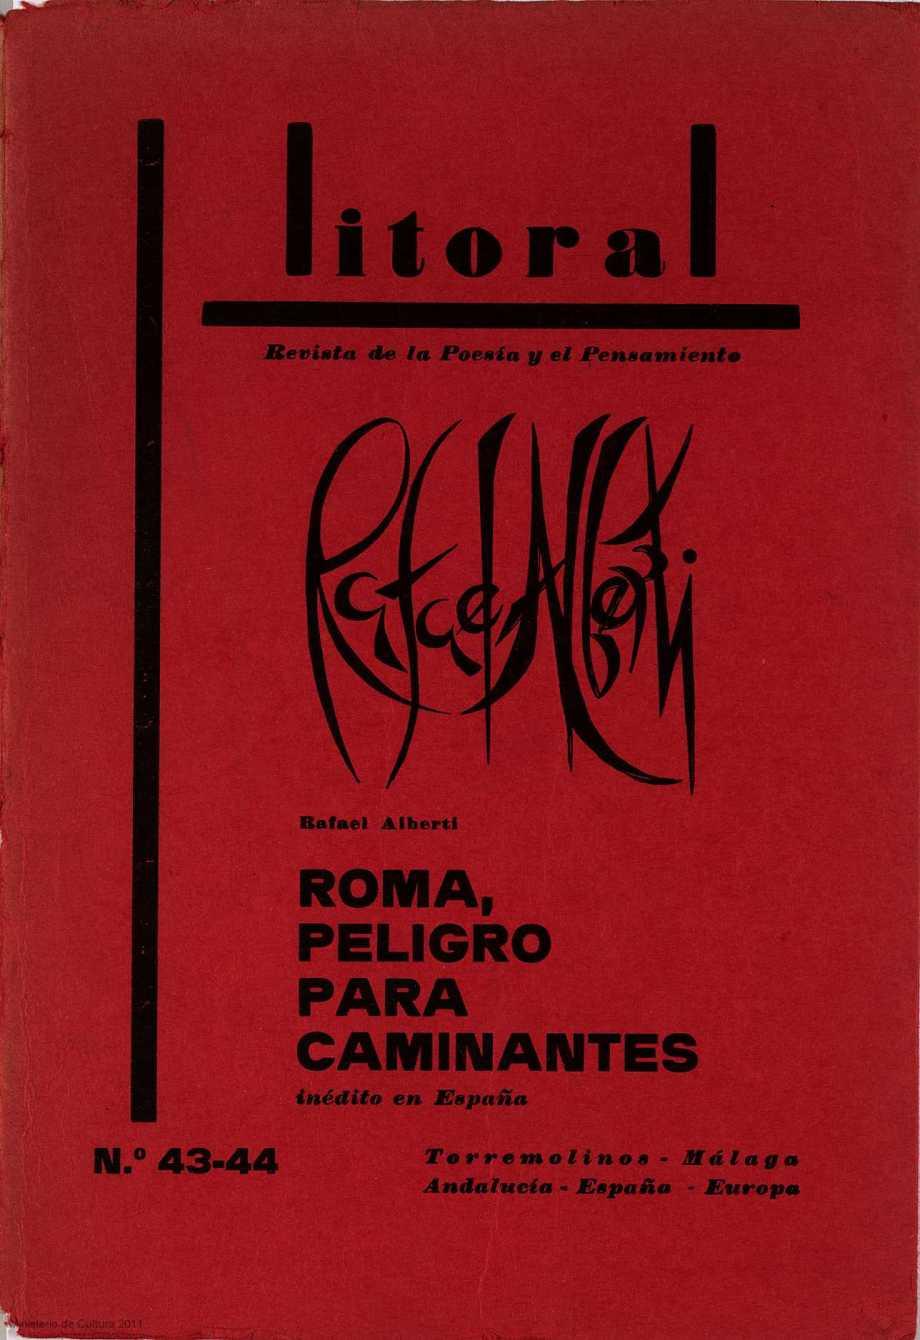 Alberti Roma, peligro para caminantes en la revista Litoral 1974